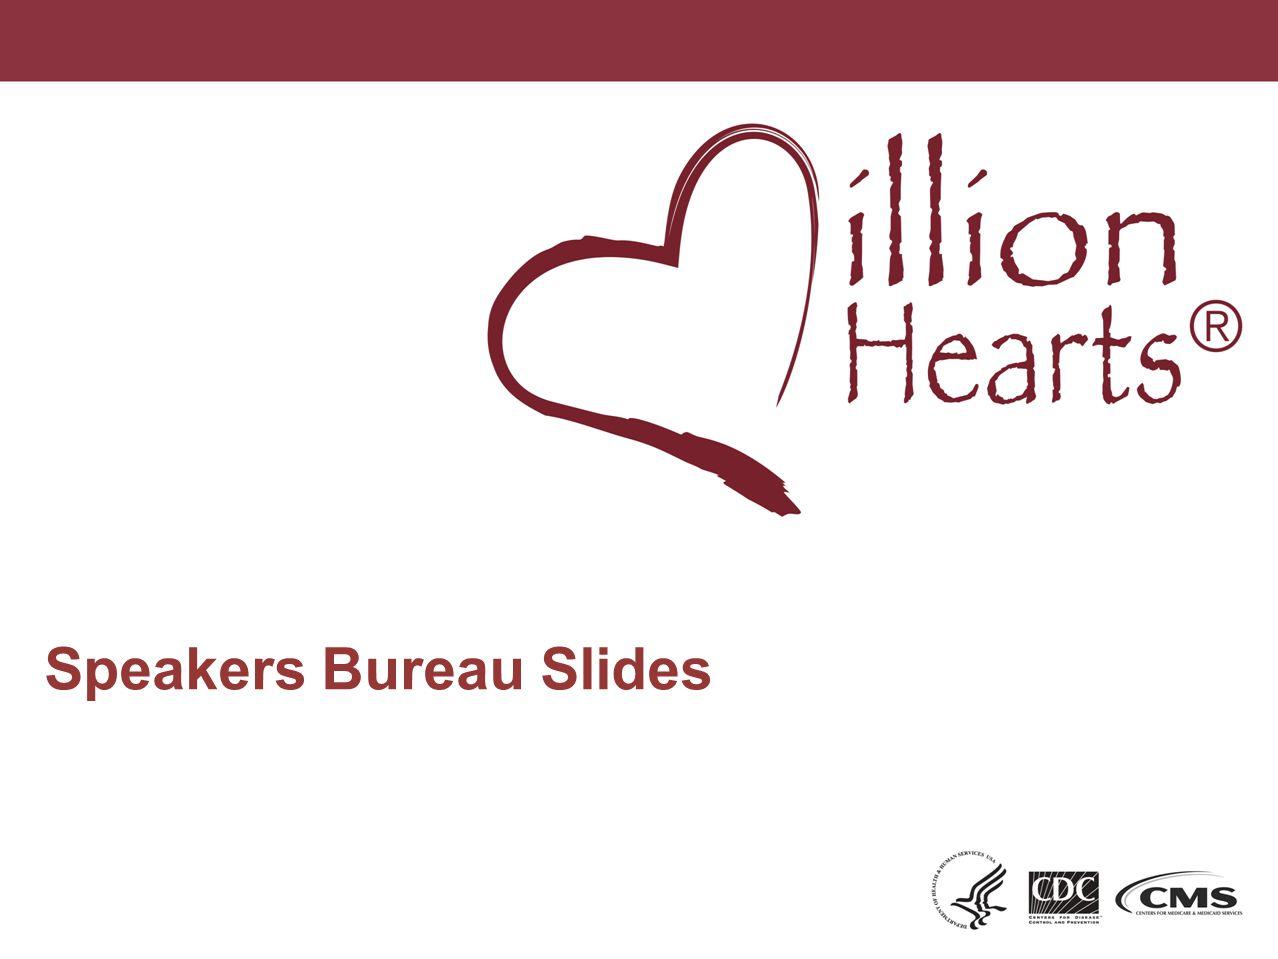 Speakers Bureau Slides